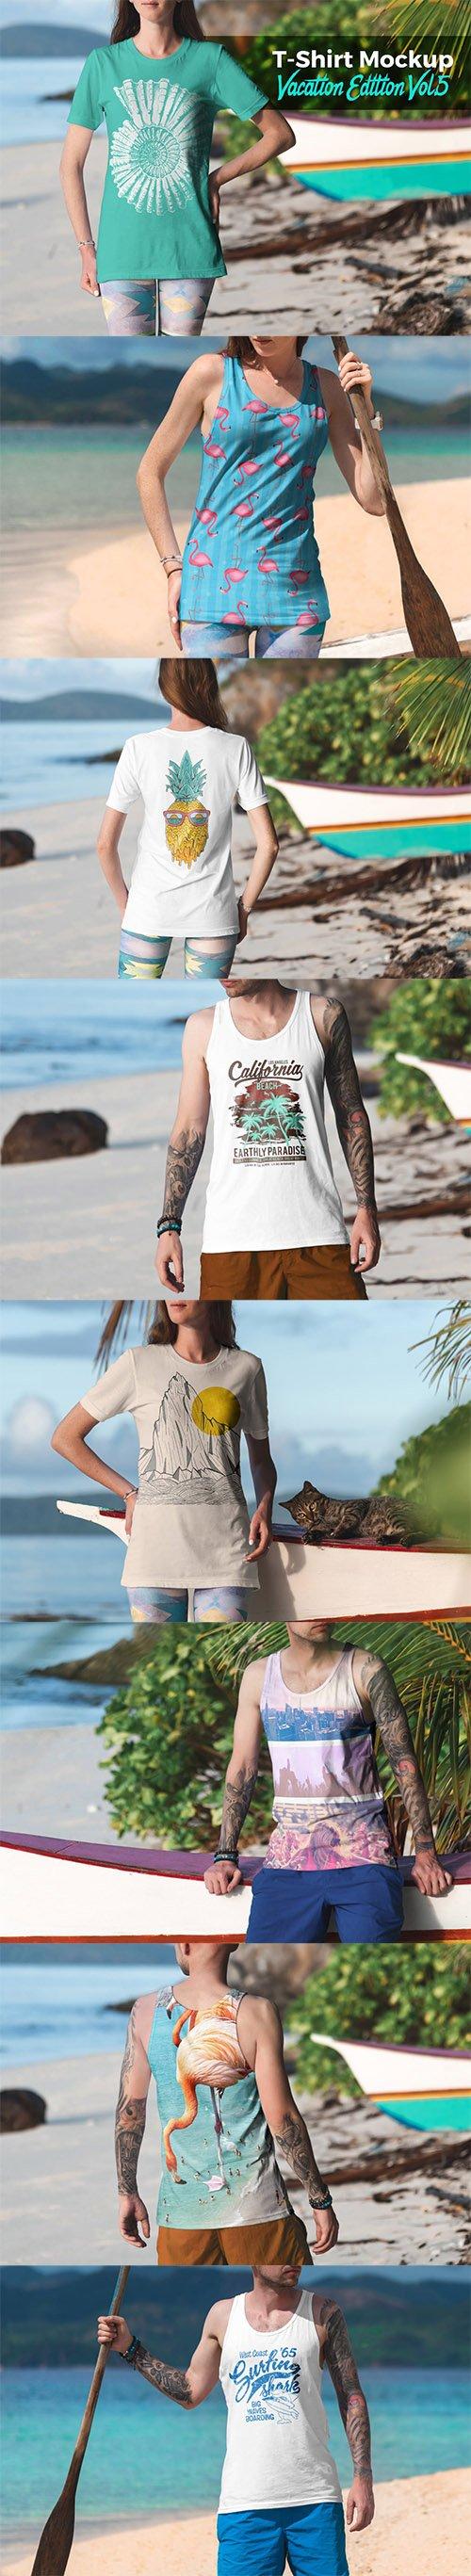 T-Shirt Mockup Vacation Edition Vol. 5